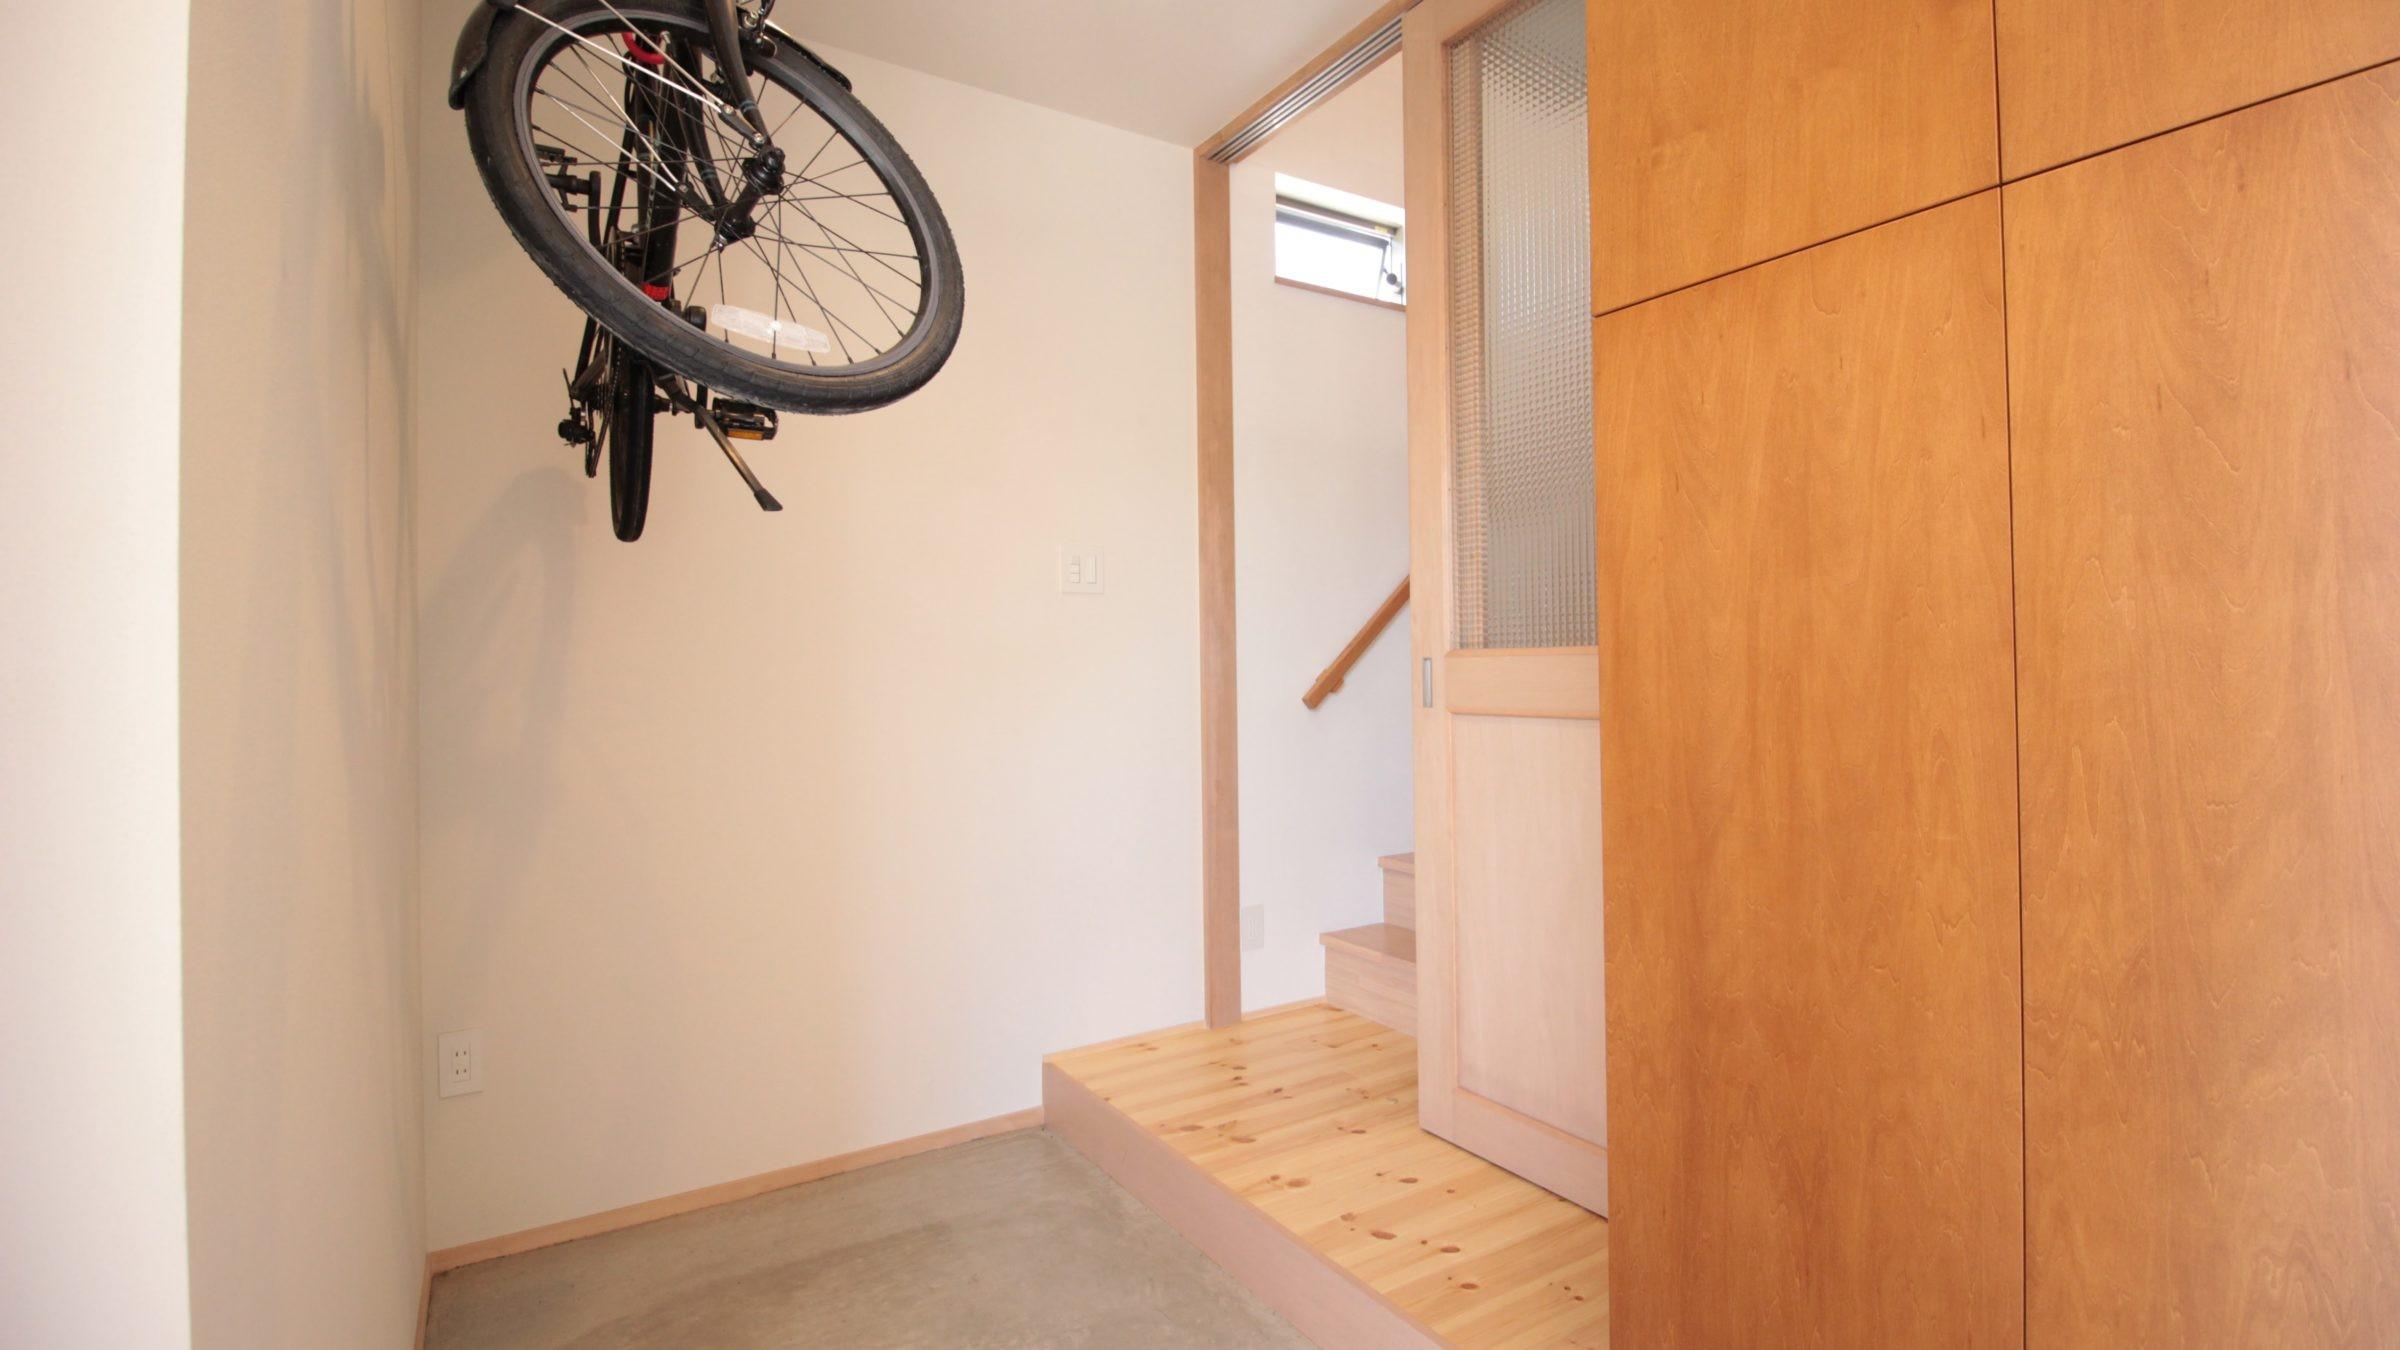 玄関事例:玄関土間(和の素材感をモダンにアレンジした新築住宅)